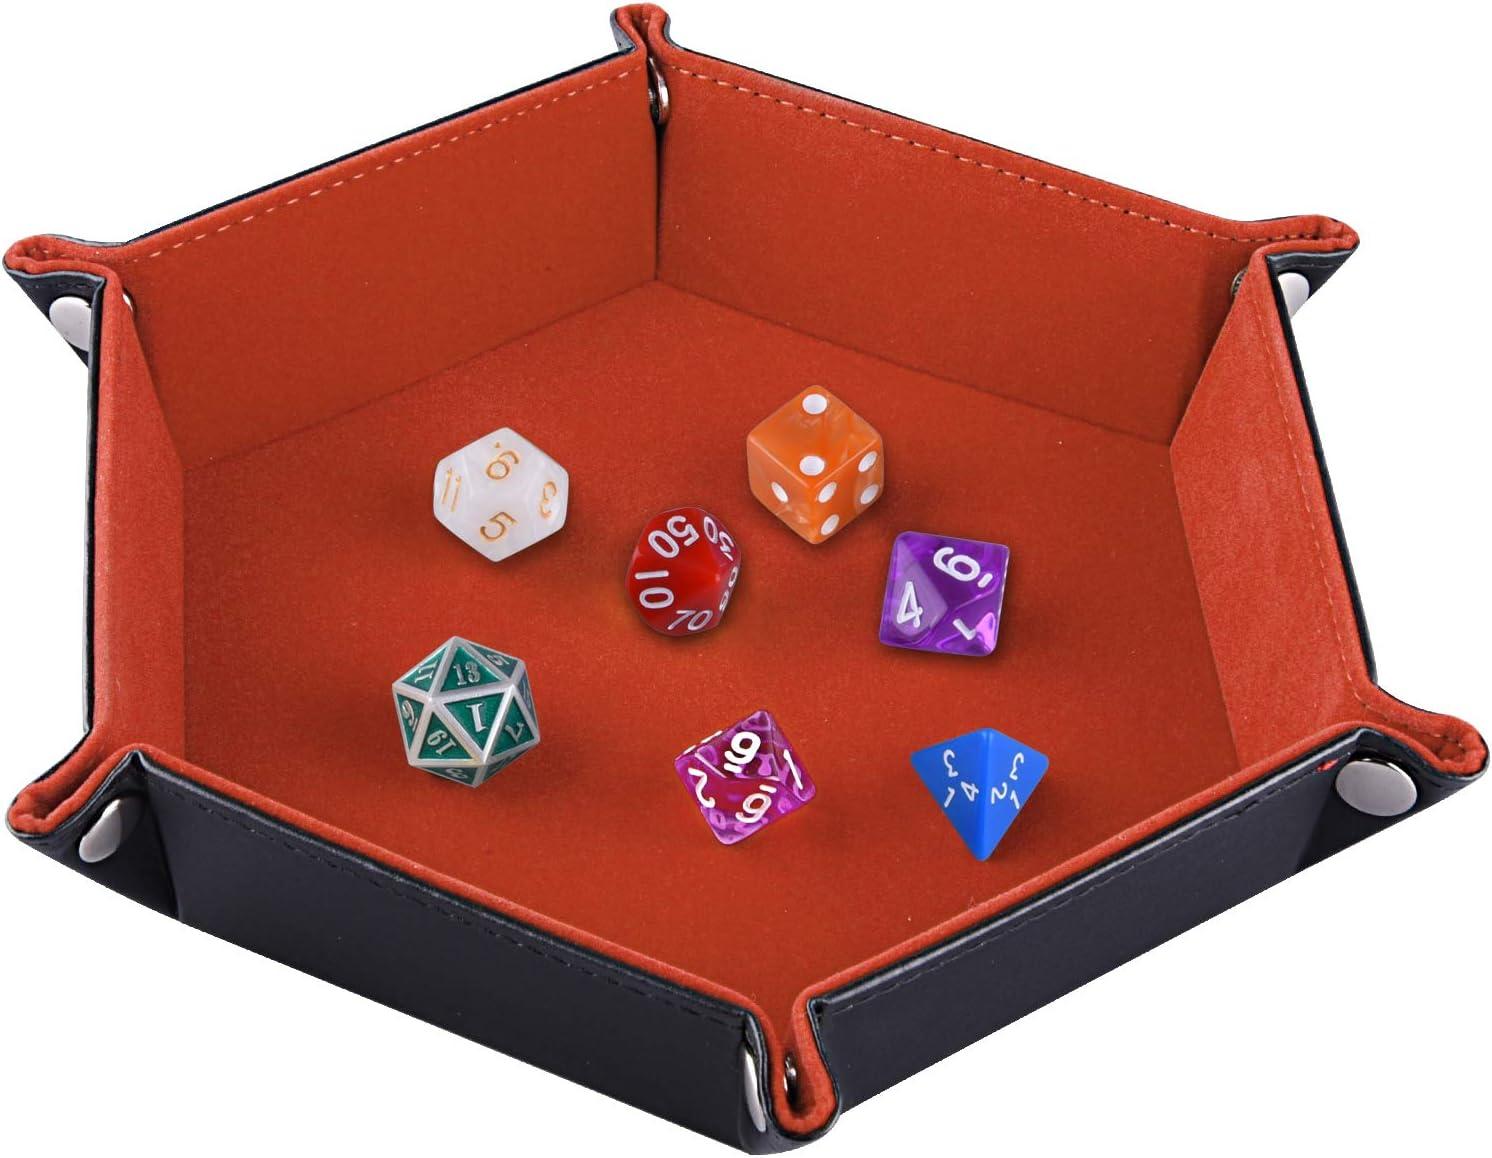 SIQUK Tablero de Dados Bandeja de Dados, Plegable de Cuero de Hexagonal de la PU y Soporte de Dados de Terciopelo Naranja para Mazmorras y Dragones Juegos de Dados RPG D & D y Otros Juegos de Mesa